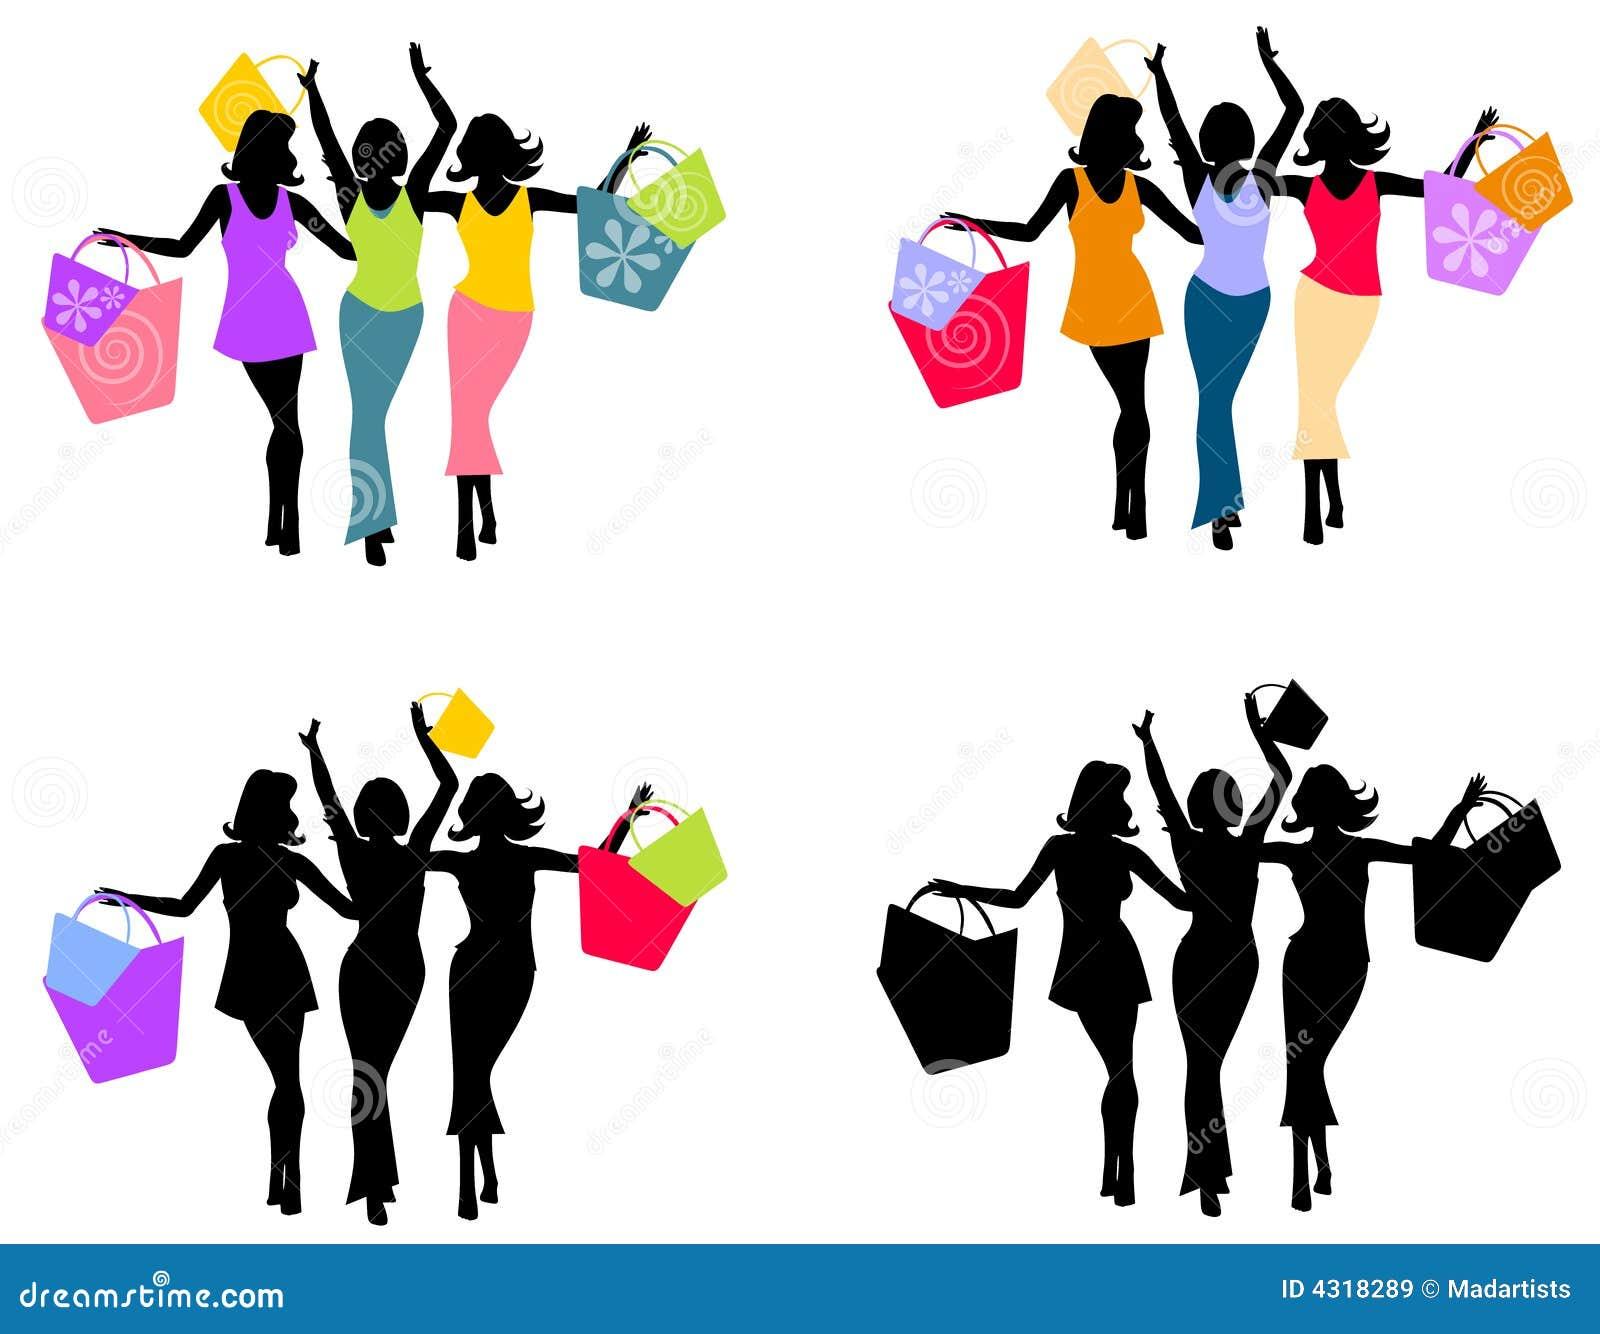 Women Shopping Silhouettes 2